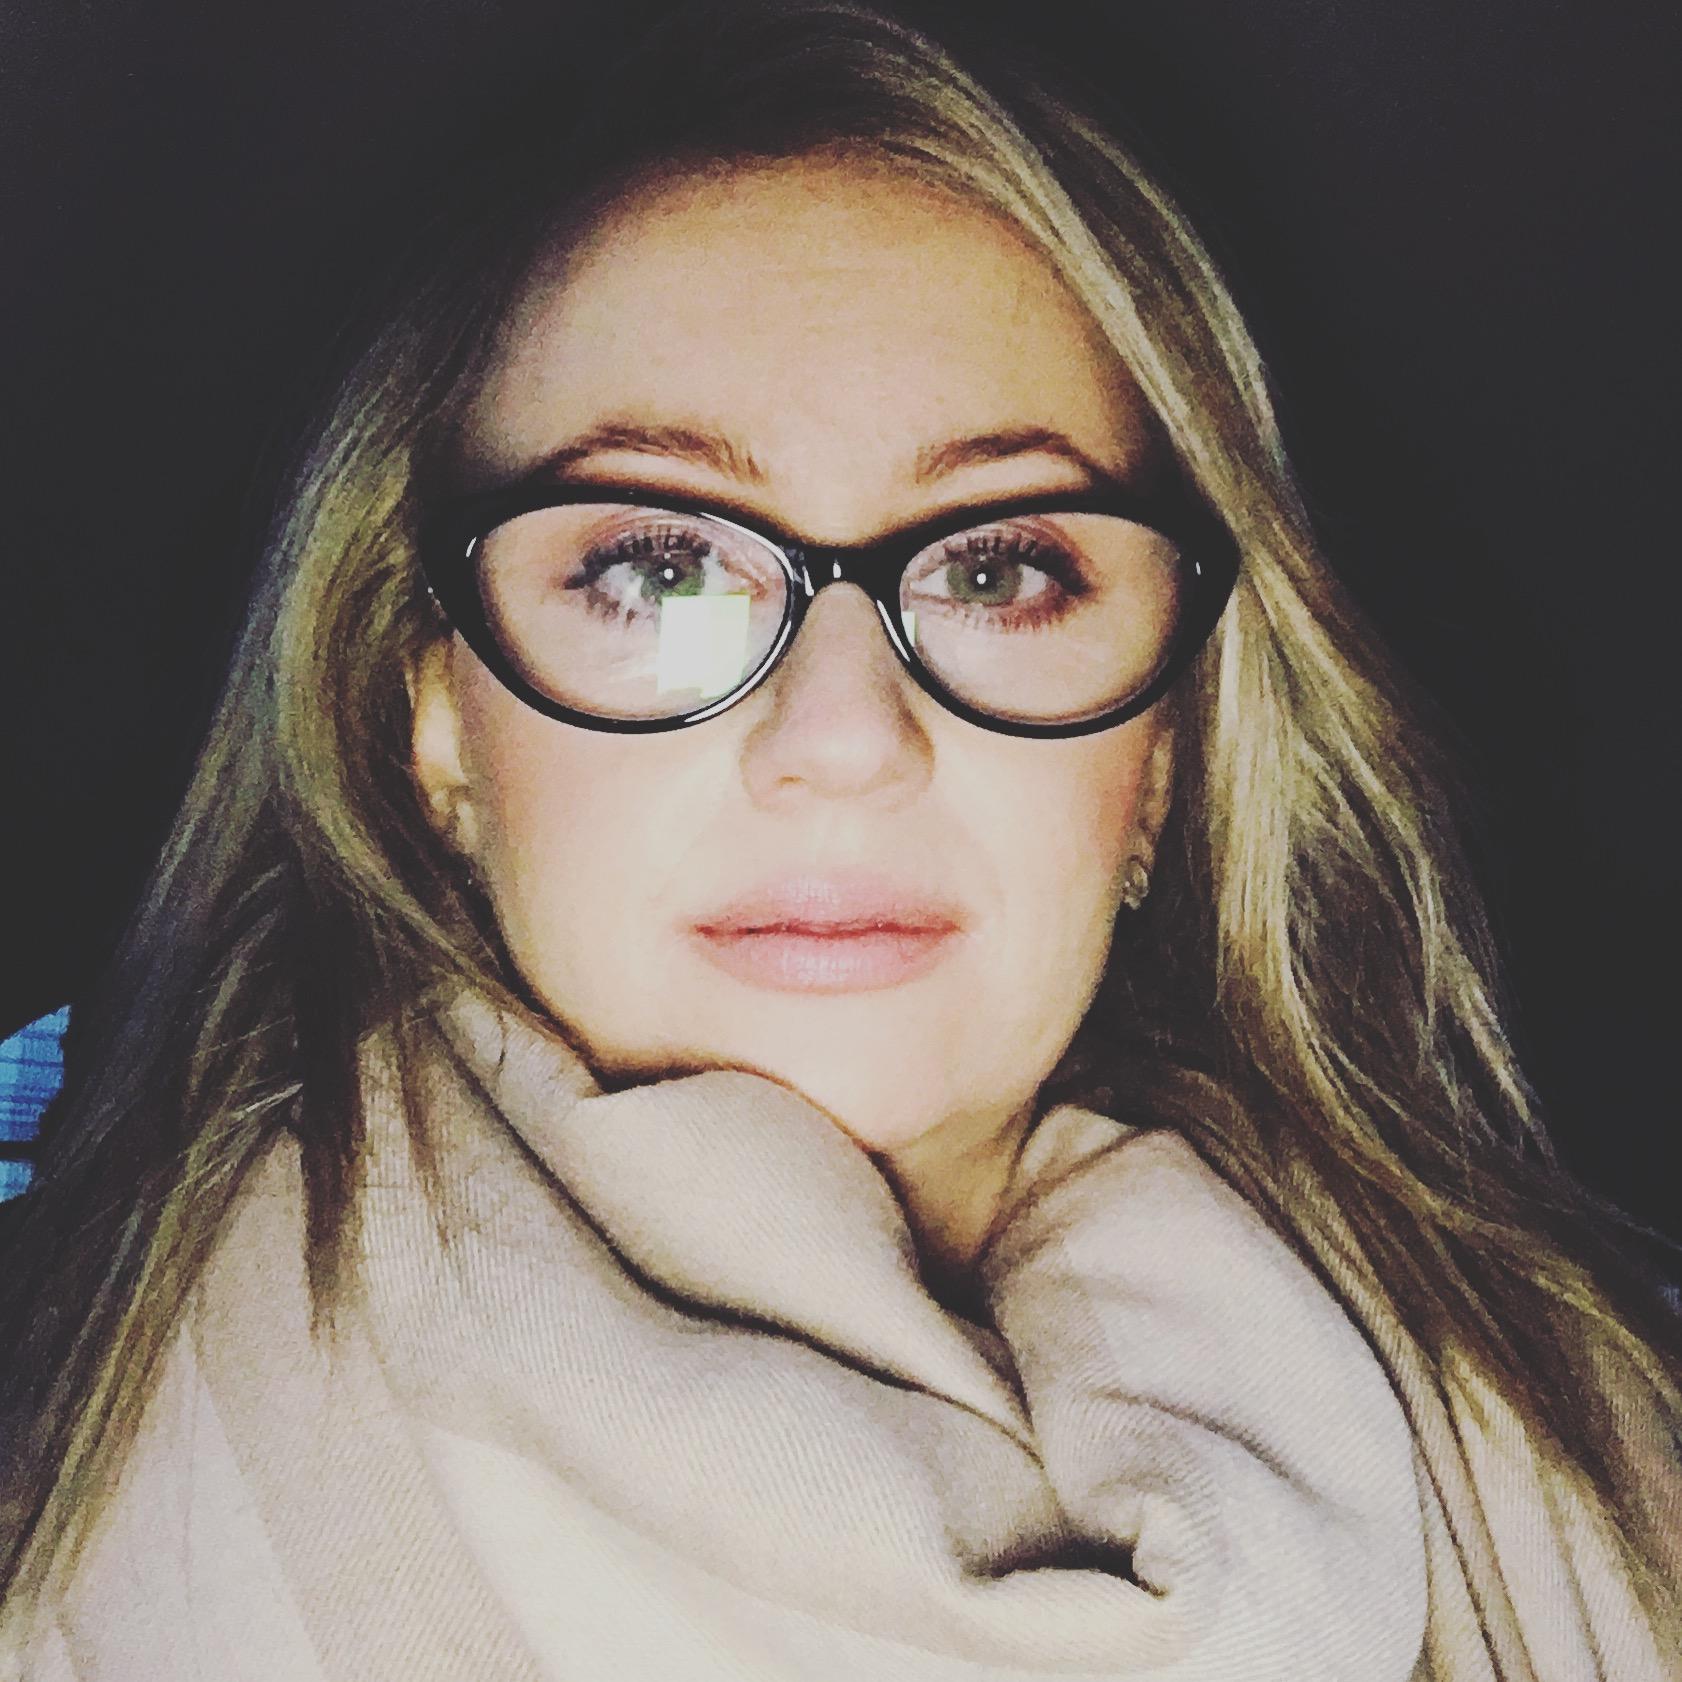 Agnieszka Ignatowicz